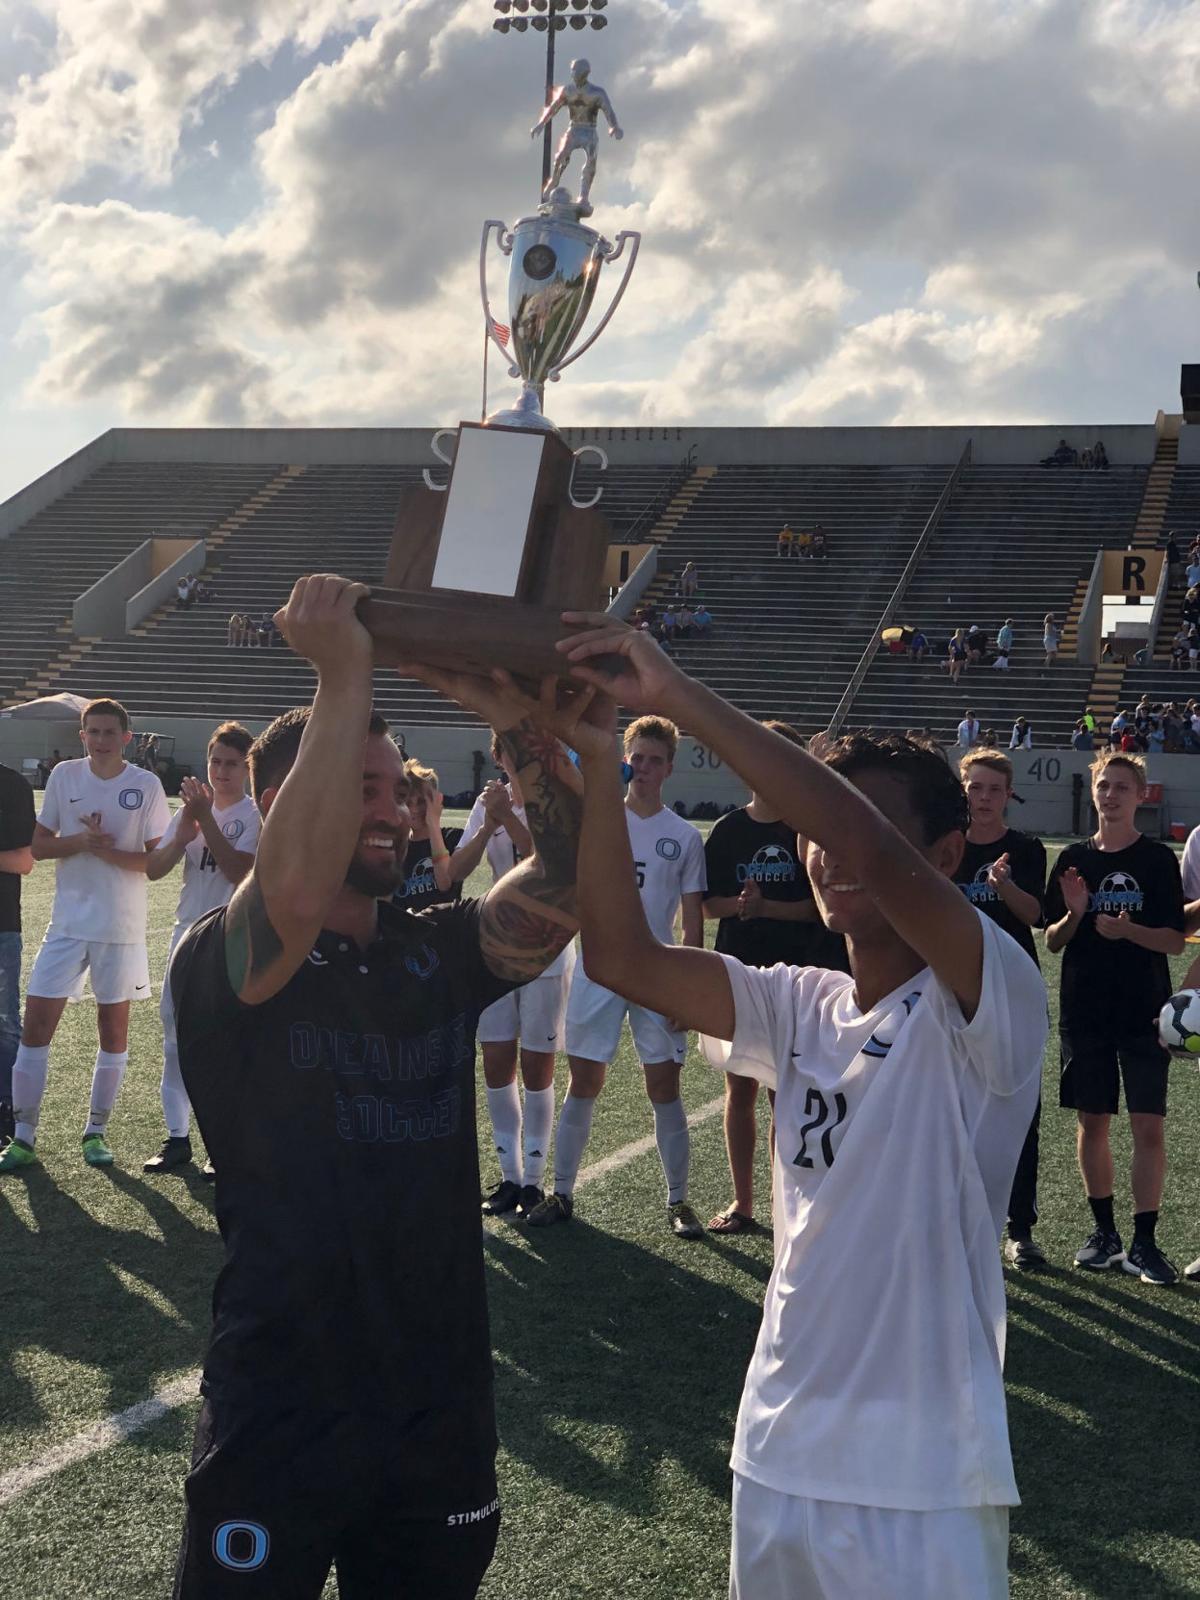 Oceanside Collegiate soccer championship